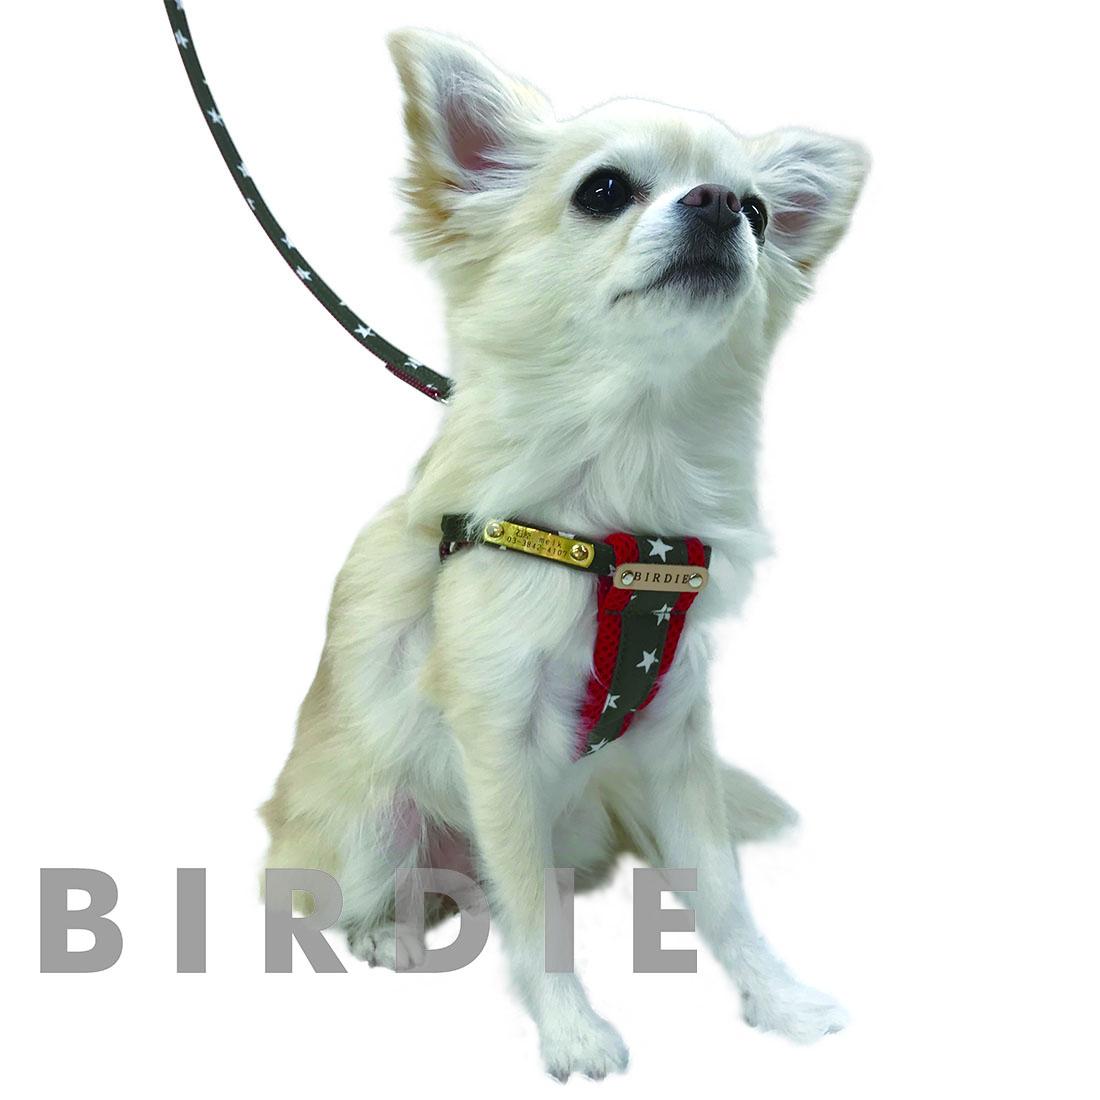 SS スターデニムクッションIDハーネス【BIRDIE小型犬迷子防止ワンタッチバックル胴輪】